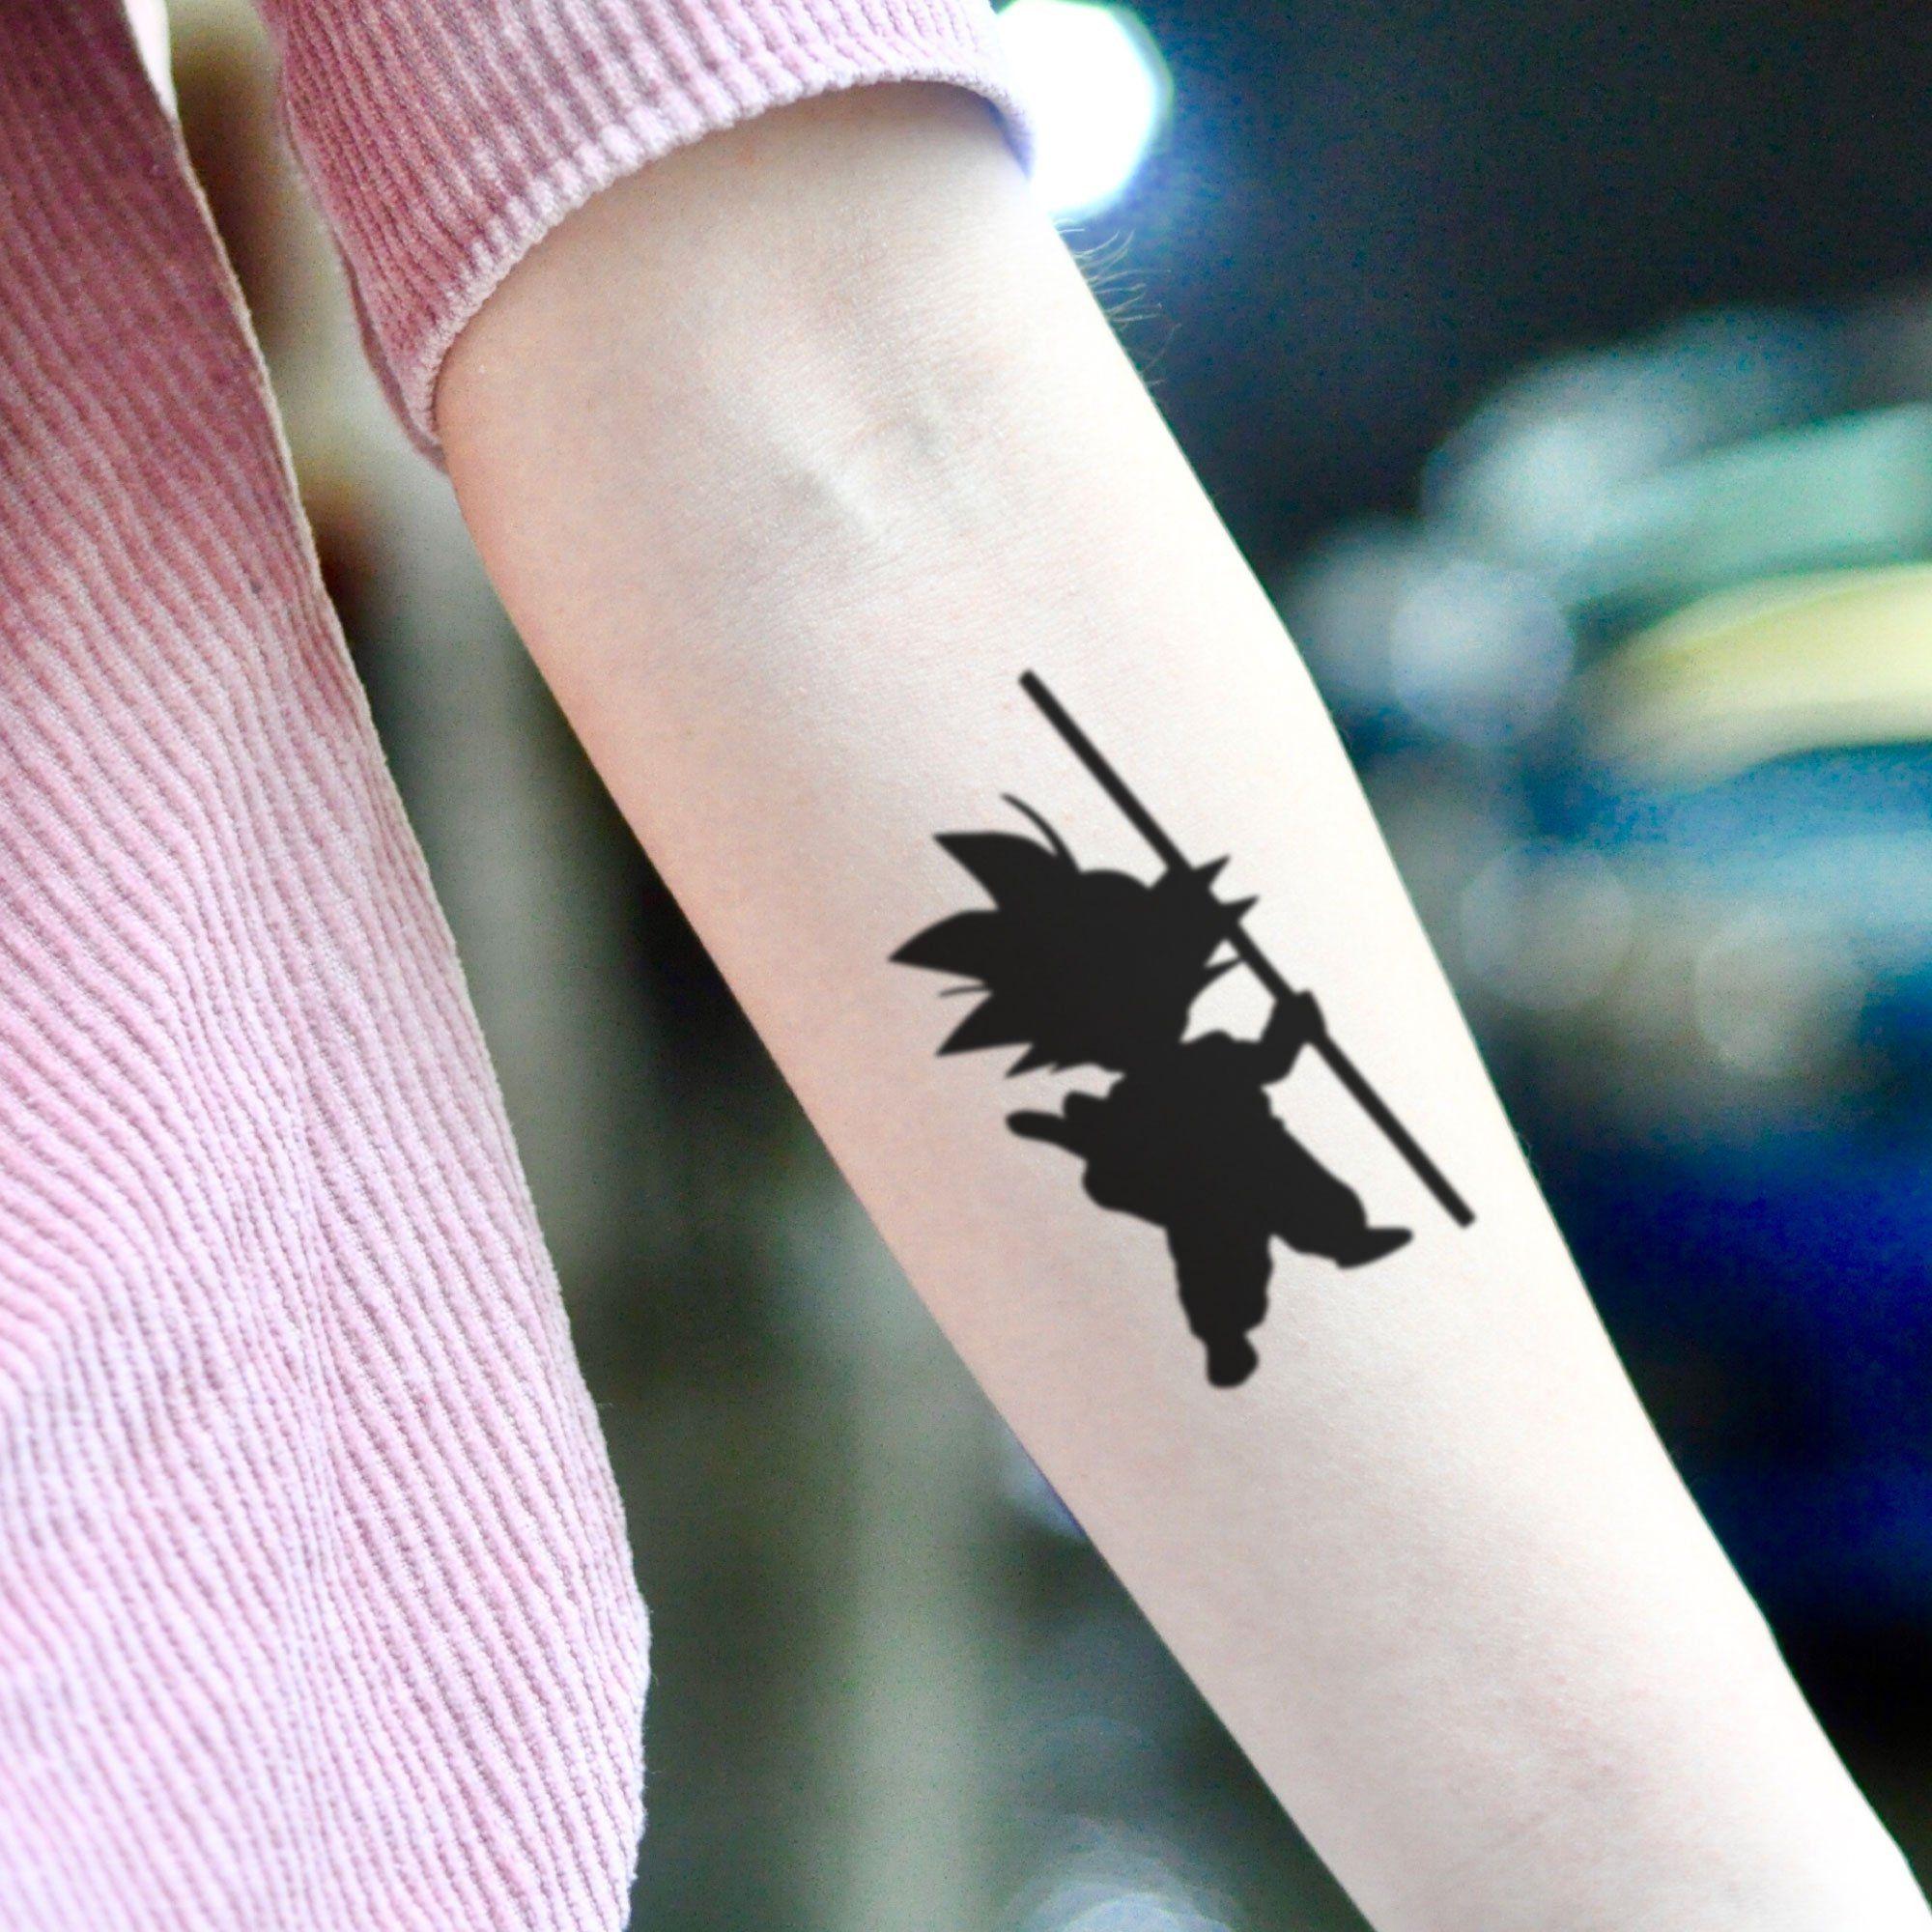 Kid Goku Super Saiyan Dragon Ball Z Temporary Tattoo Sticker Set Of 2 In 2020 Z Tattoo Dragon Ball Tattoo Dbz Tattoo